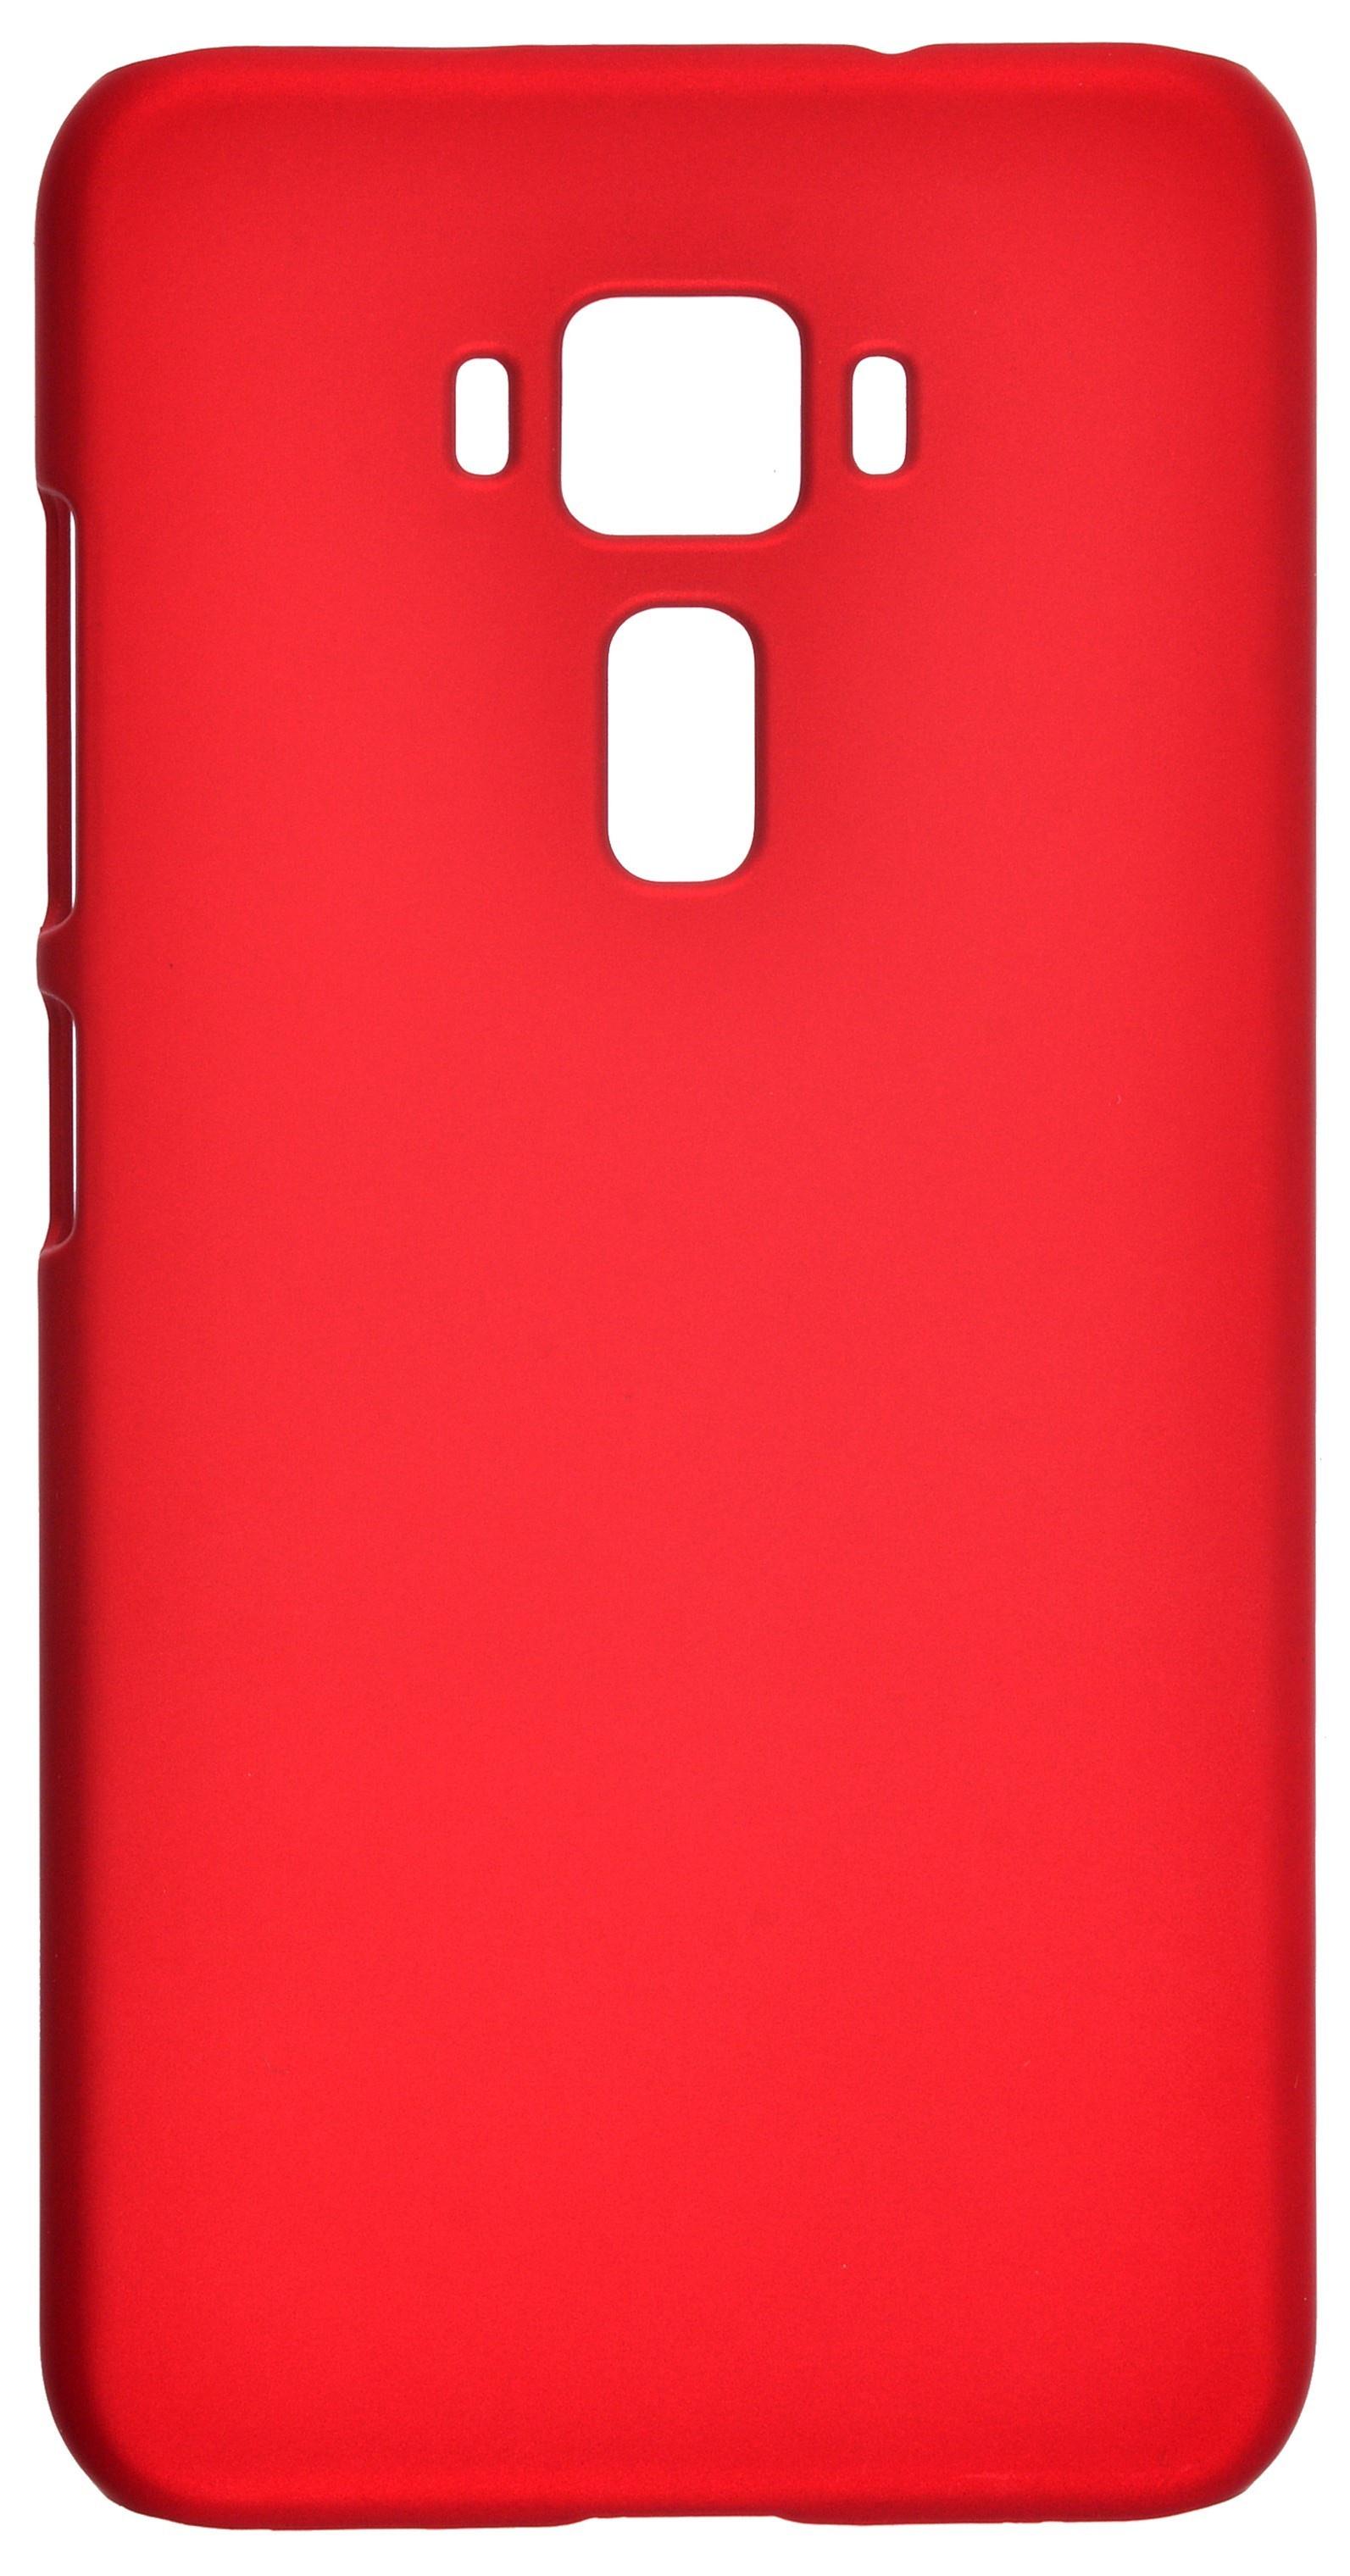 Чехол для сотового телефона skinBOX 4People, 4630042528444, красный стоимость